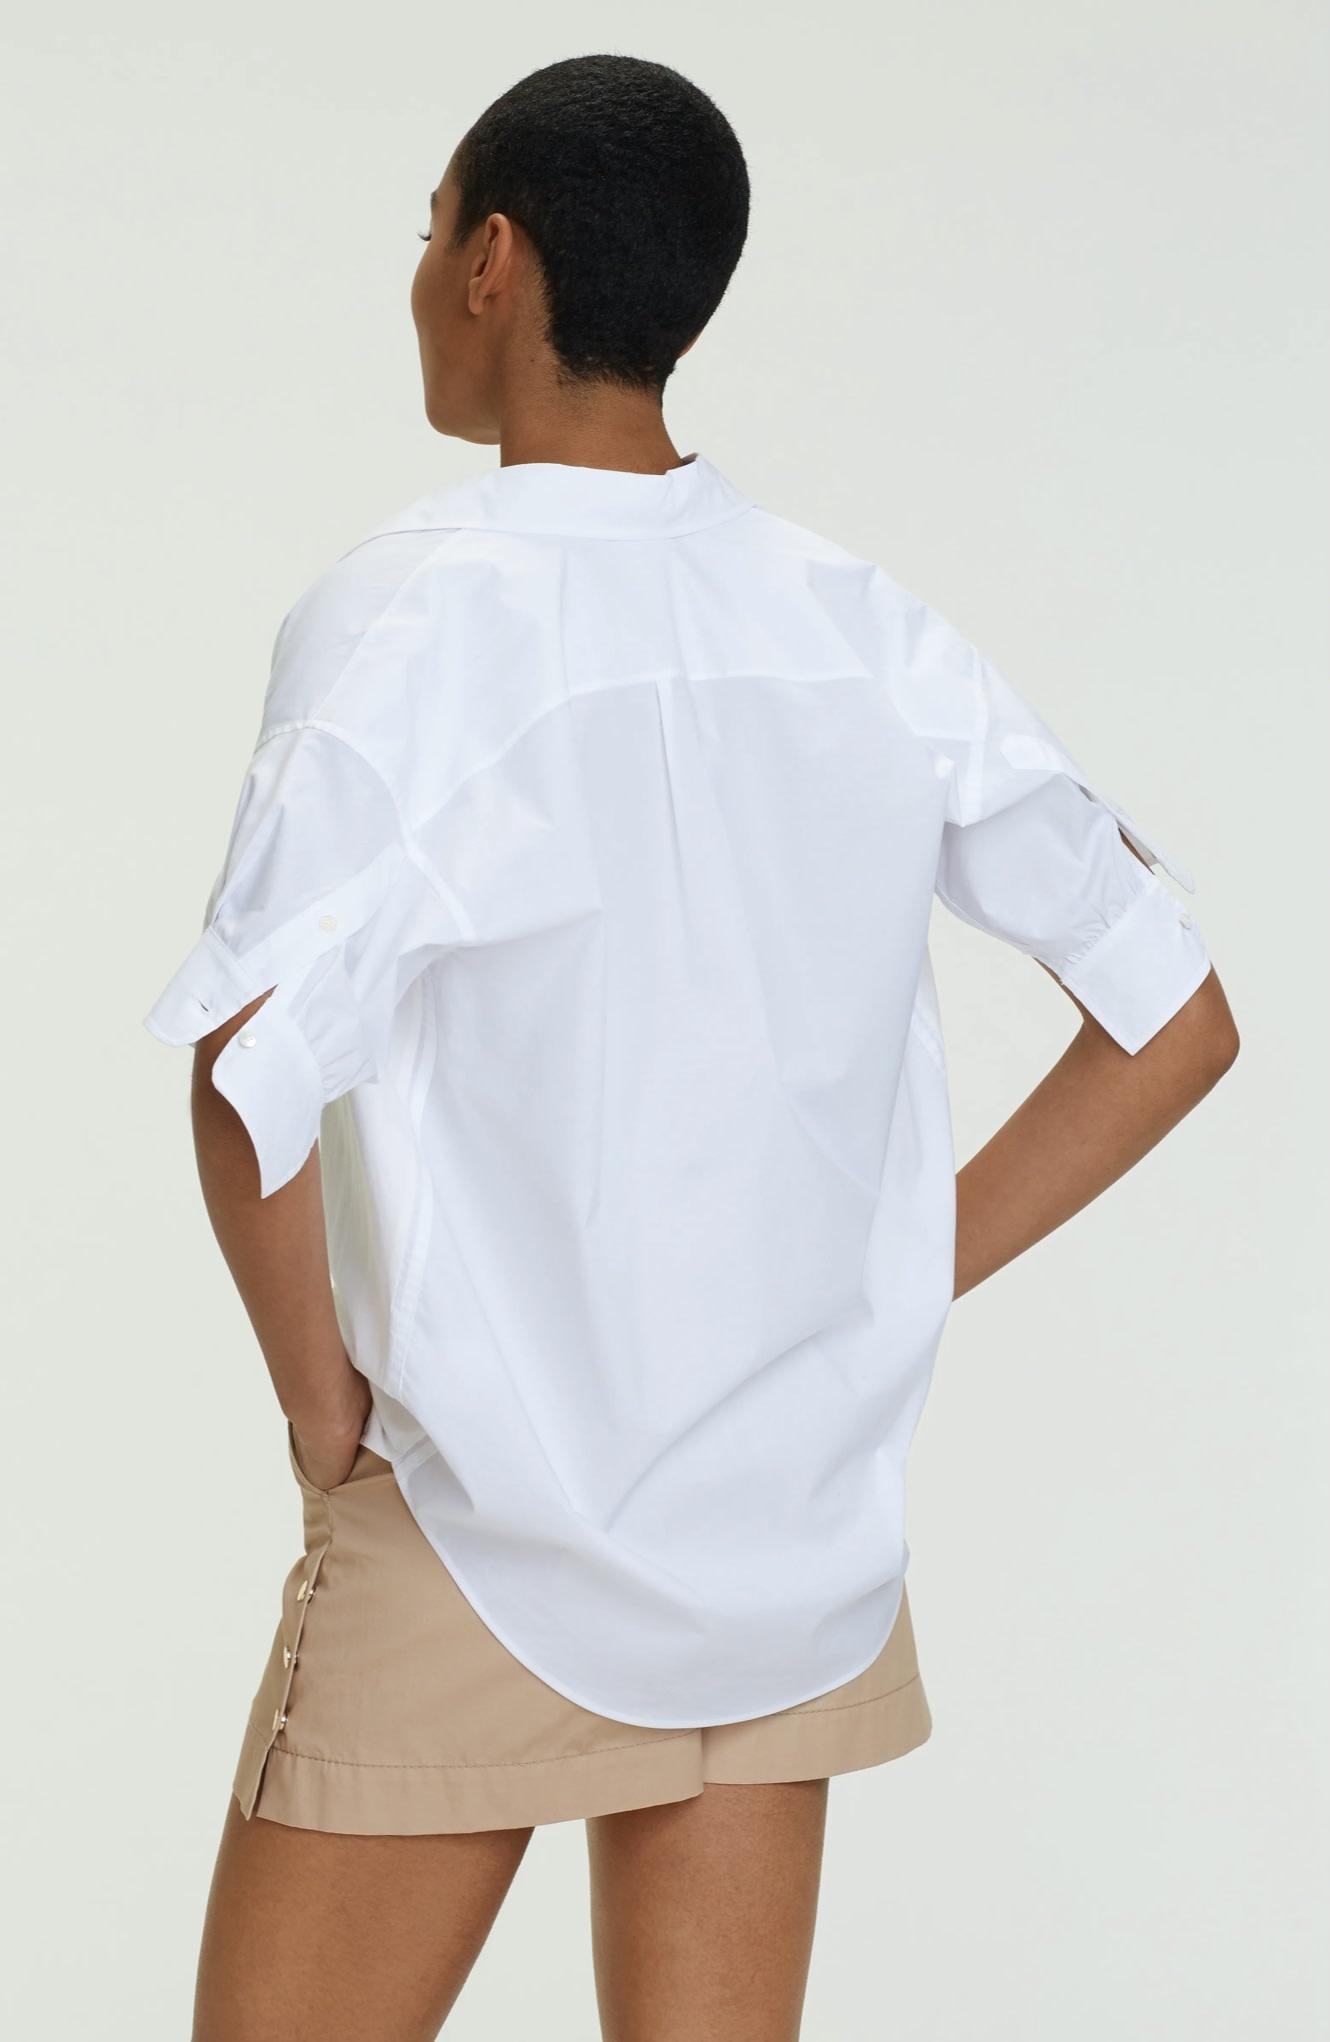 Cool contrast shirt blouse SS dorothee schumacher-3